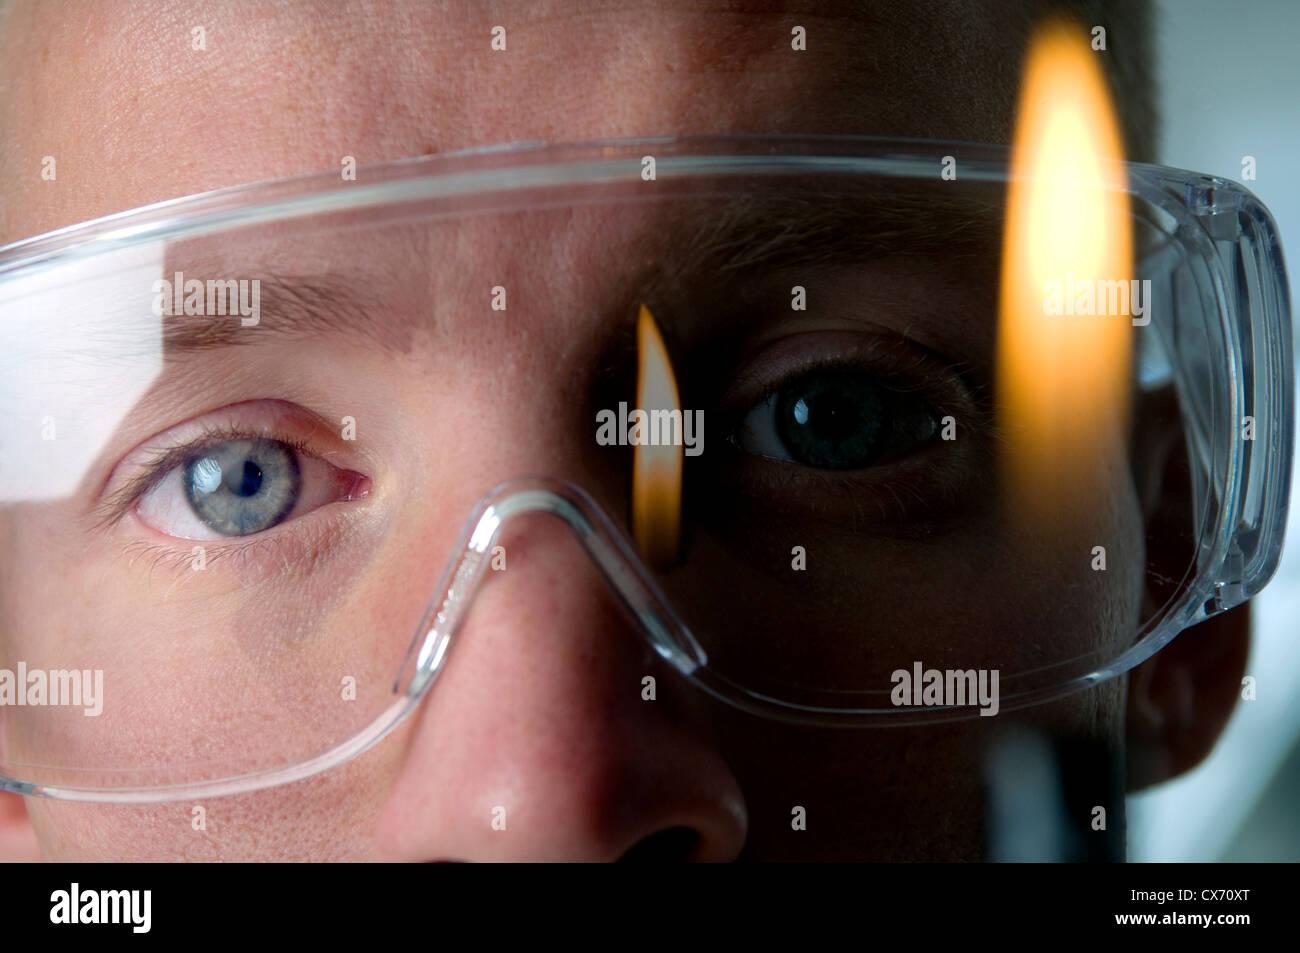 Junge männliche Wissenschaftler/Student vor Bunsen Flamme Stockbild